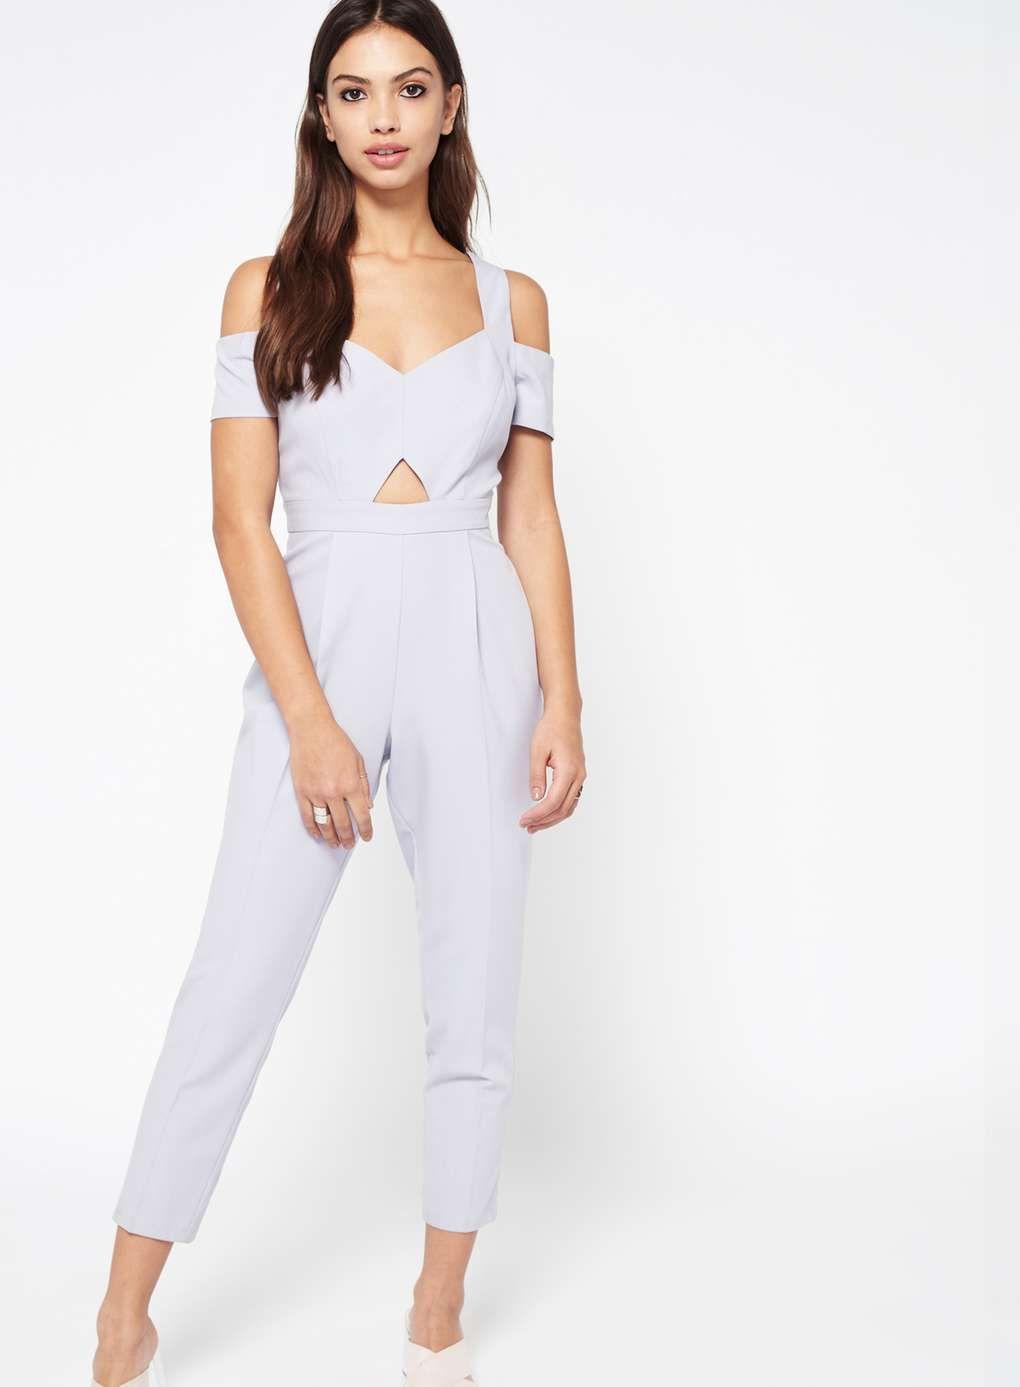 897284aedfa9 PETITE Lilac Jumpsuit - Petite Playsuits   Jumpsuits - Petites - Miss  Selfridge